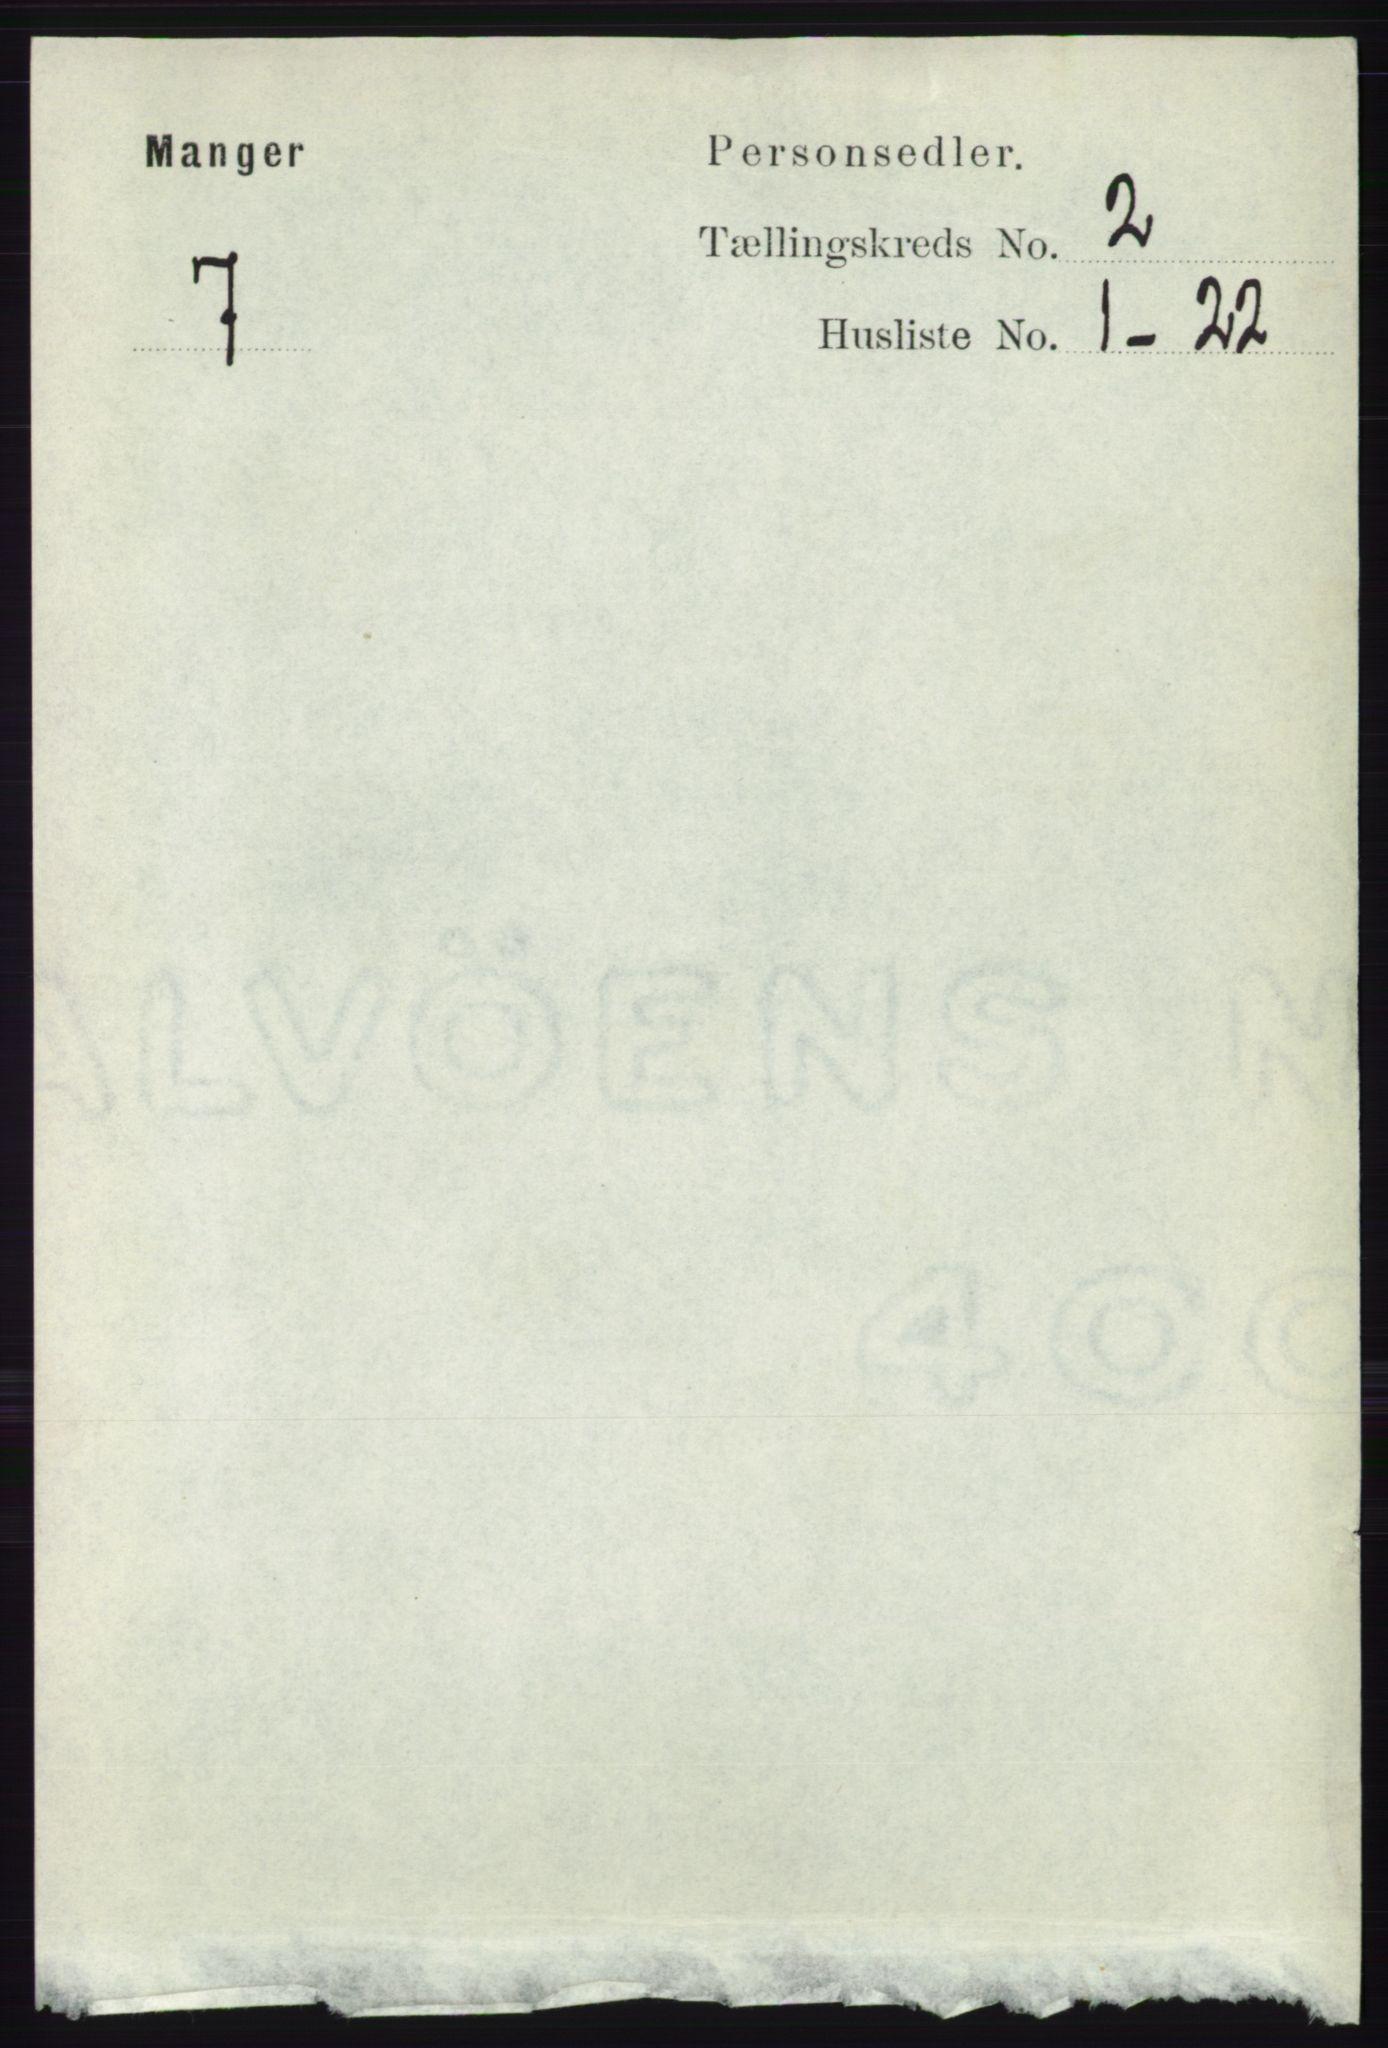 RA, Folketelling 1891 for 1261 Manger herred, 1891, s. 756